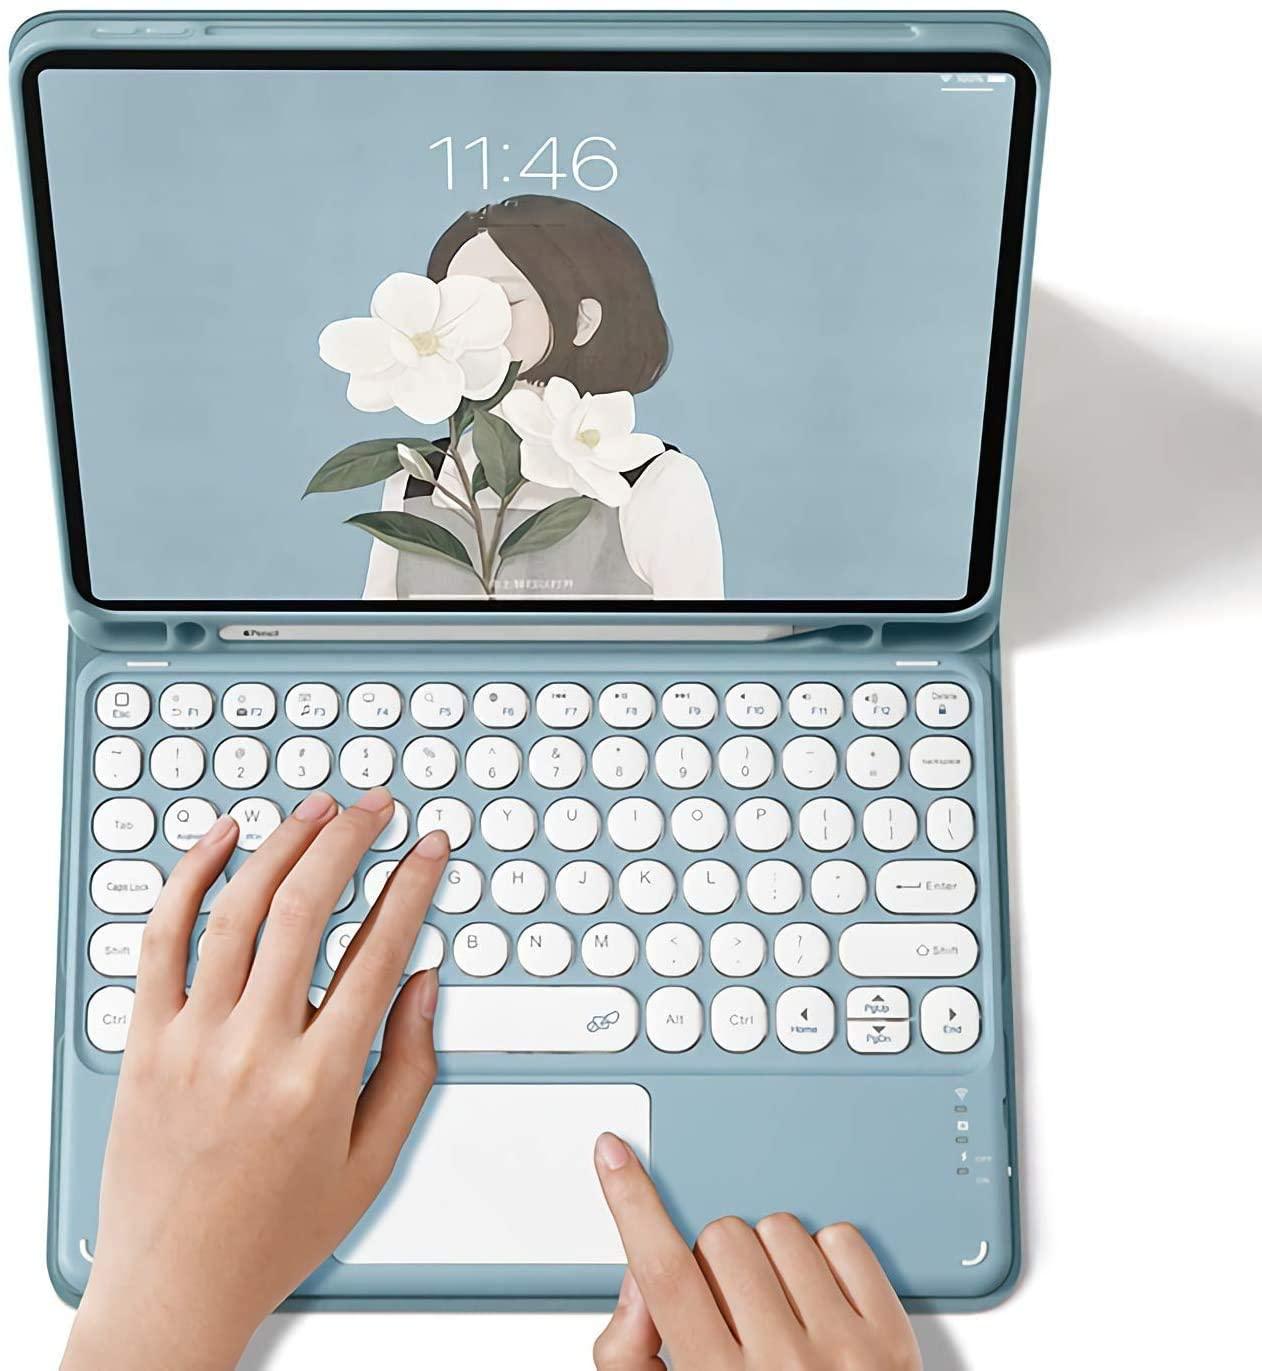 Case de Teclado Ipad Case 11 2021 ar 4 3 Teclado Mágico Bluetooth Touchpad Capa 10.2 10.9 Pro